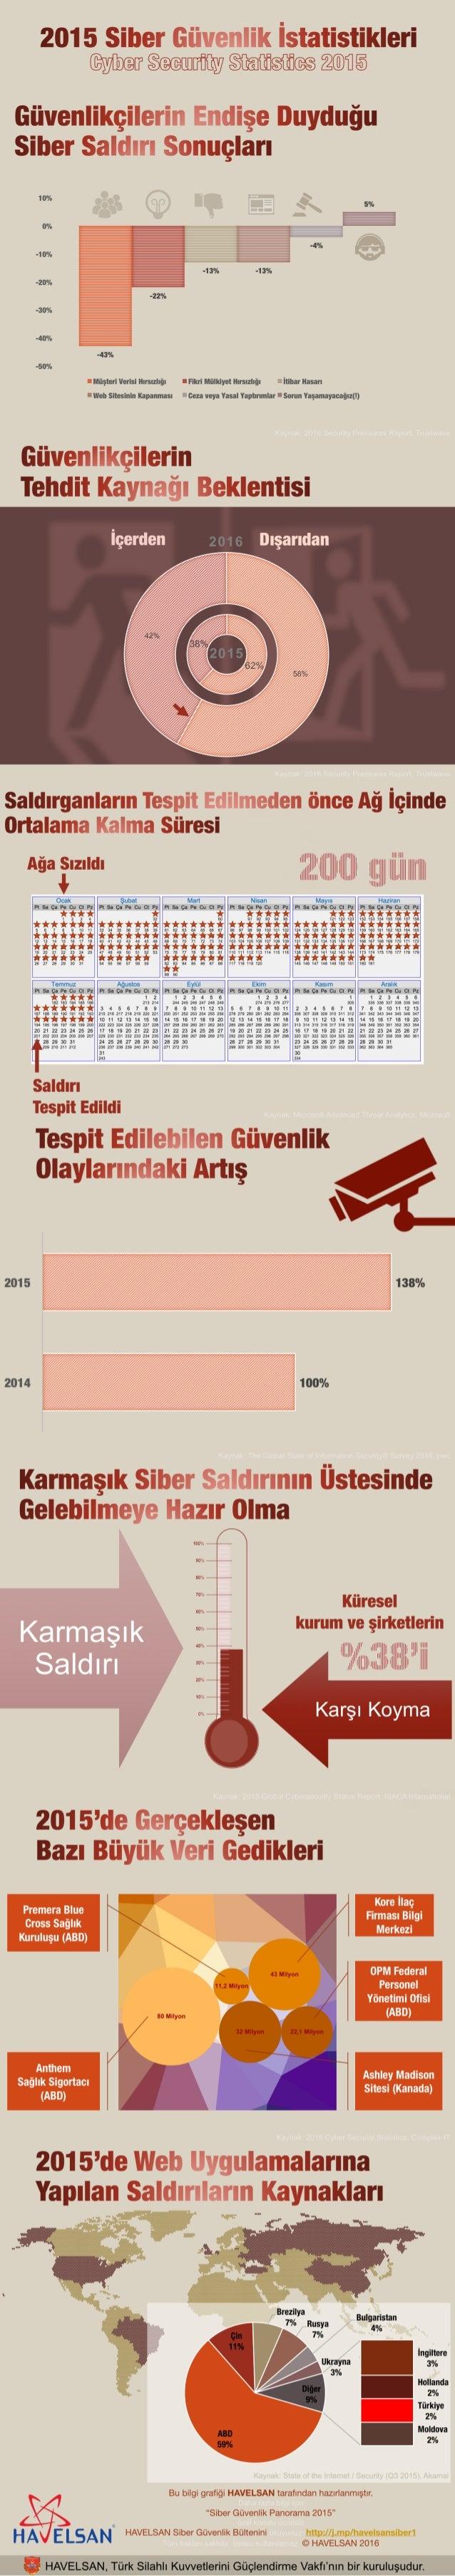 Siber Güvenlik İstatistikleri 2015 (Bilgi Grafiği)